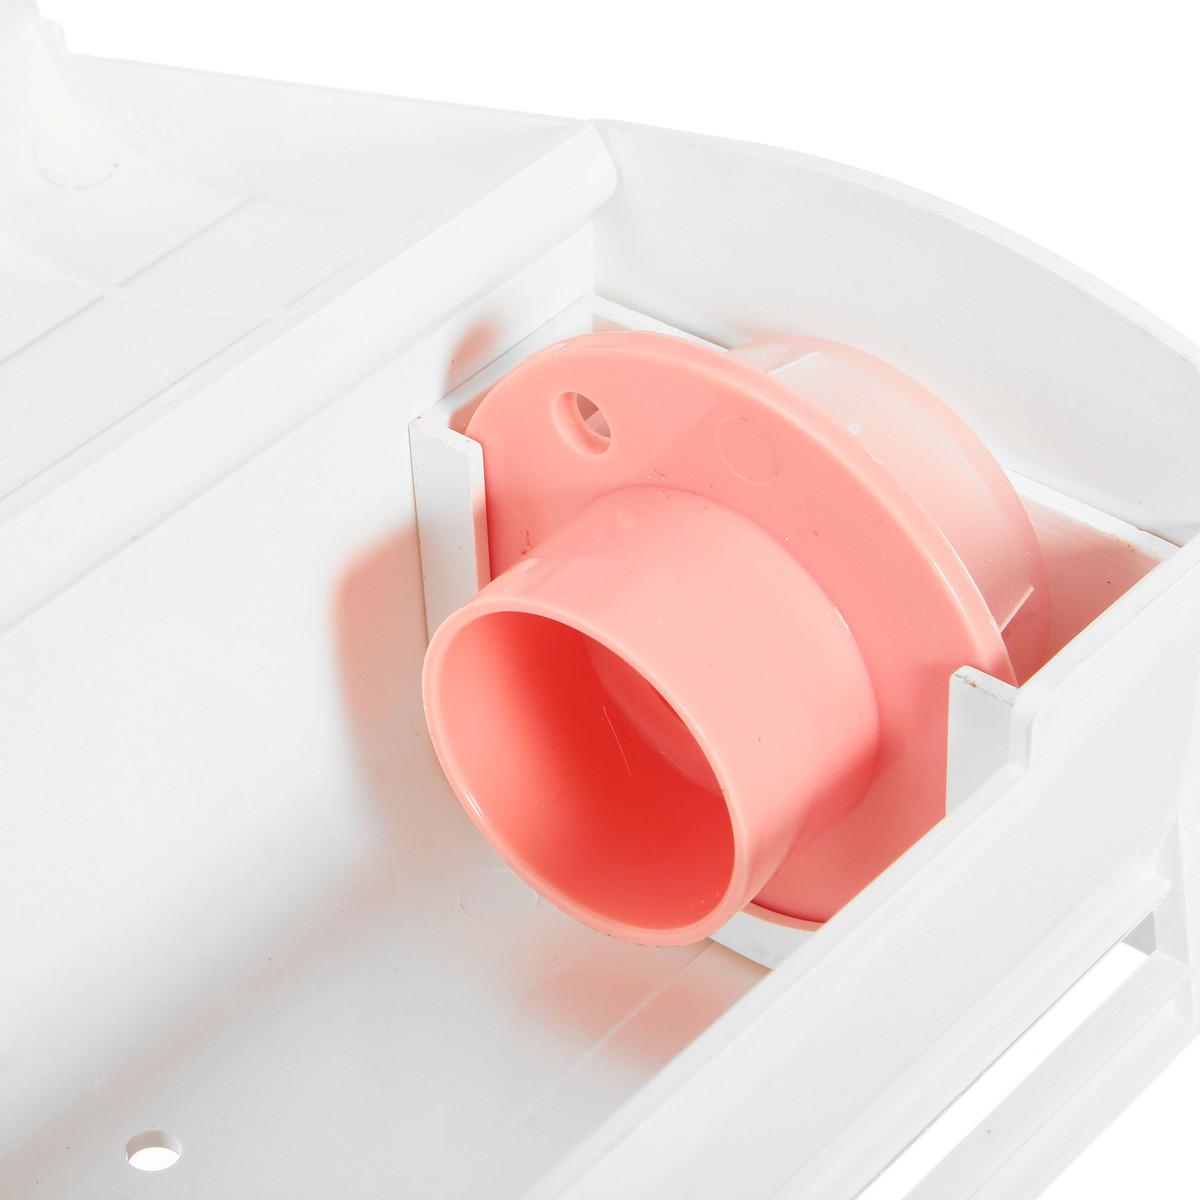 Пищевая пластиковая клипсаторная диспенсер для консервативной пленки - фото 6